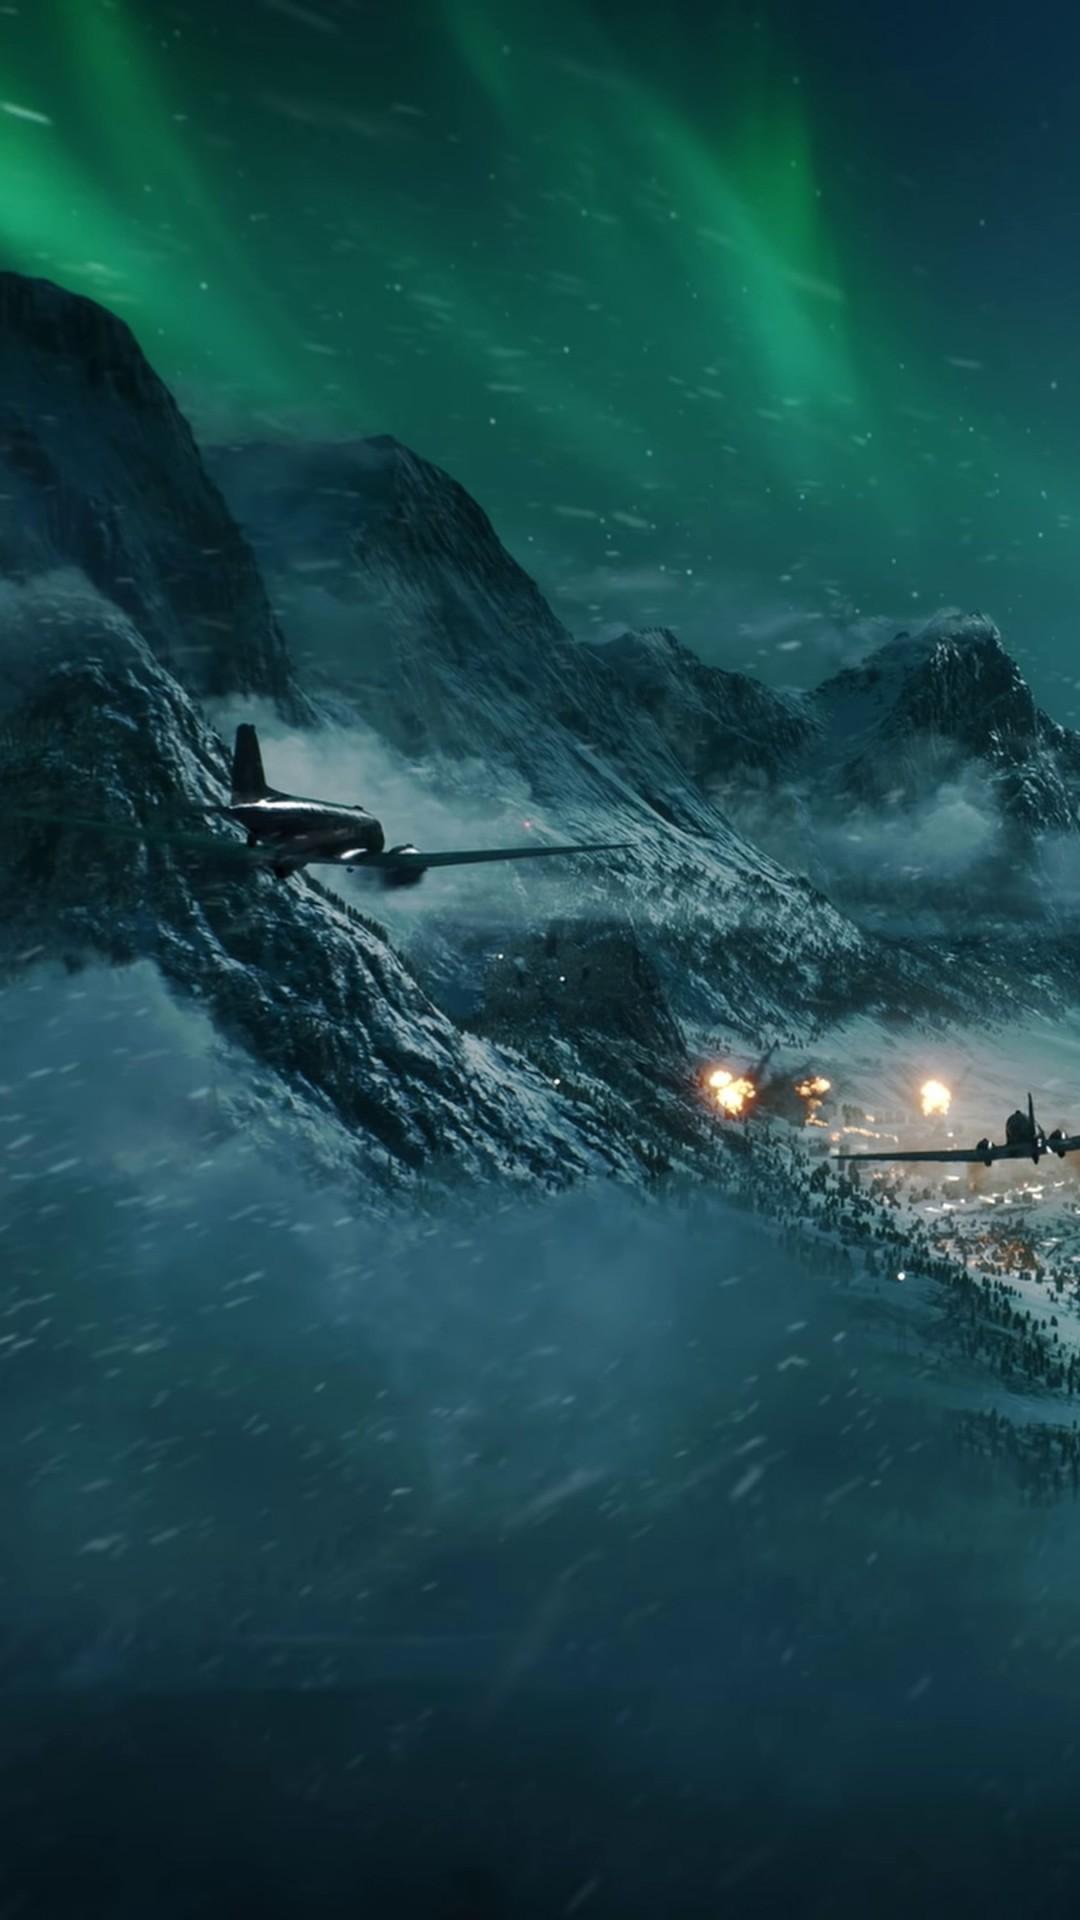 Wallpaper Battlefield 5 Gamescom 2018 Screenshot 4k